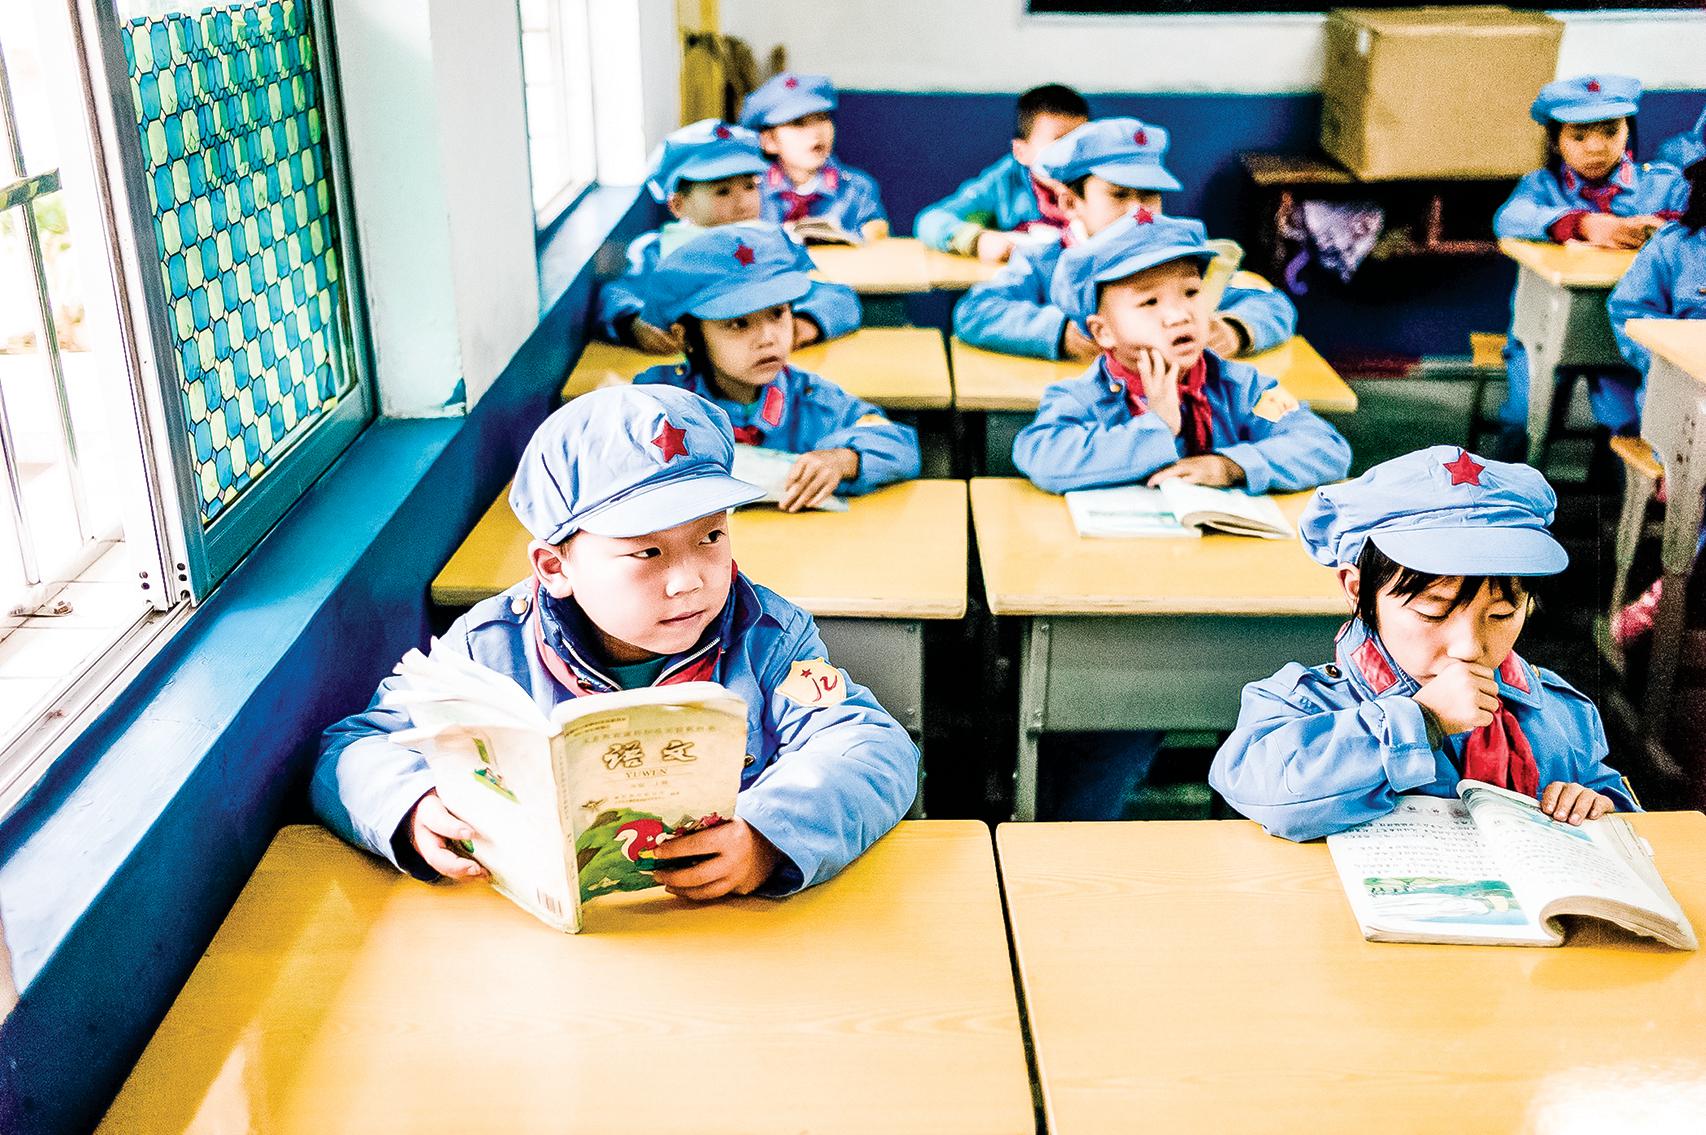 2016年,在貴州省的一所「紅軍小學」裏,學生們在接受中共的洗腦教育。(Getty Images)